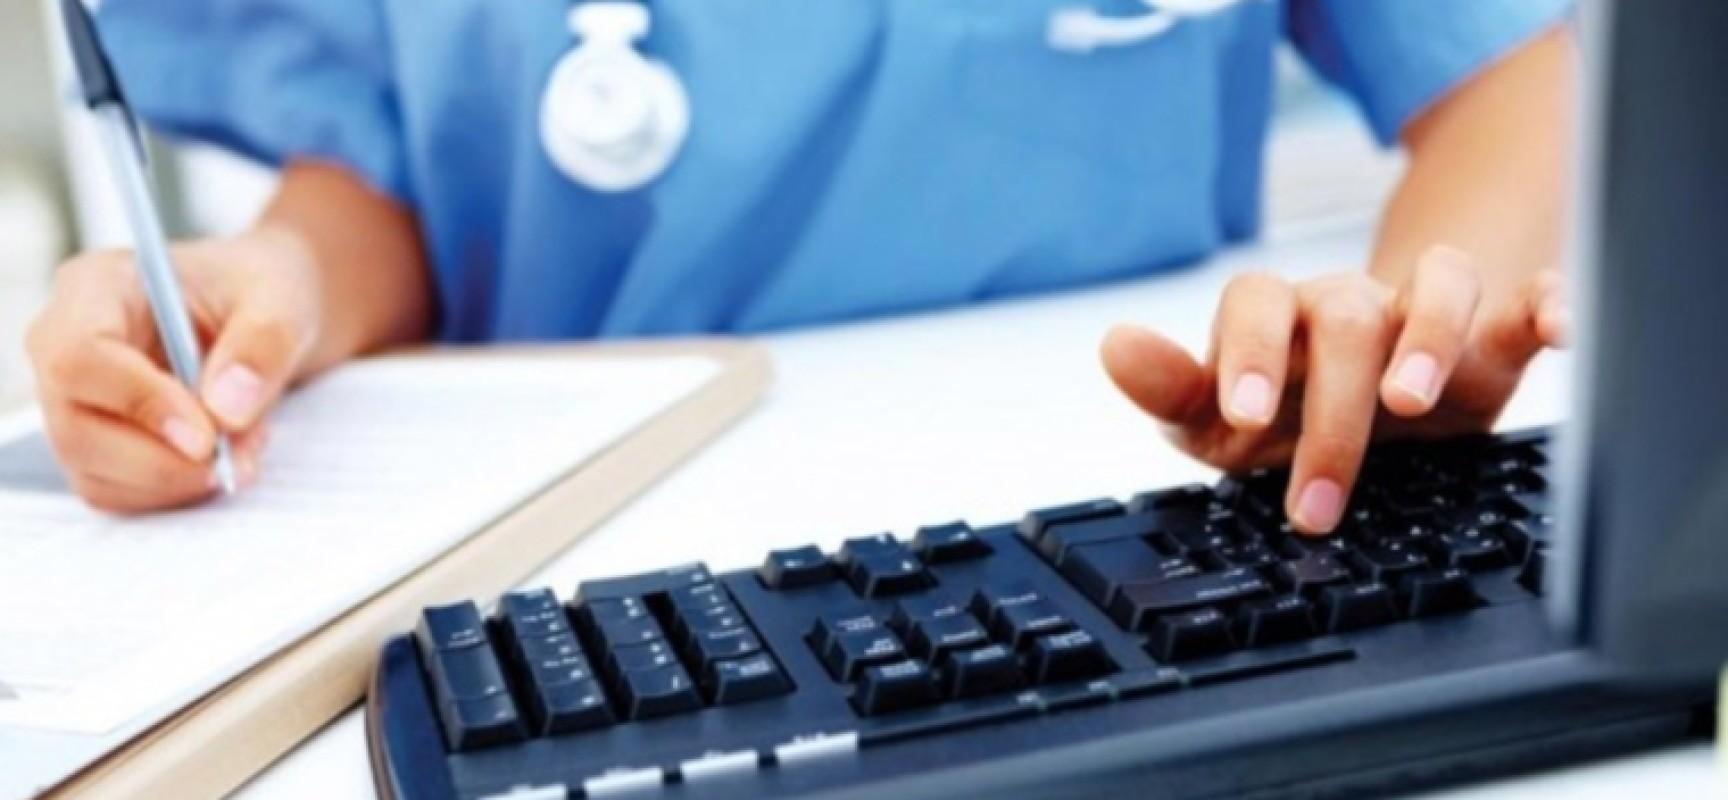 Переходящий больничный: что это такое, где выдается, как оплачивается?